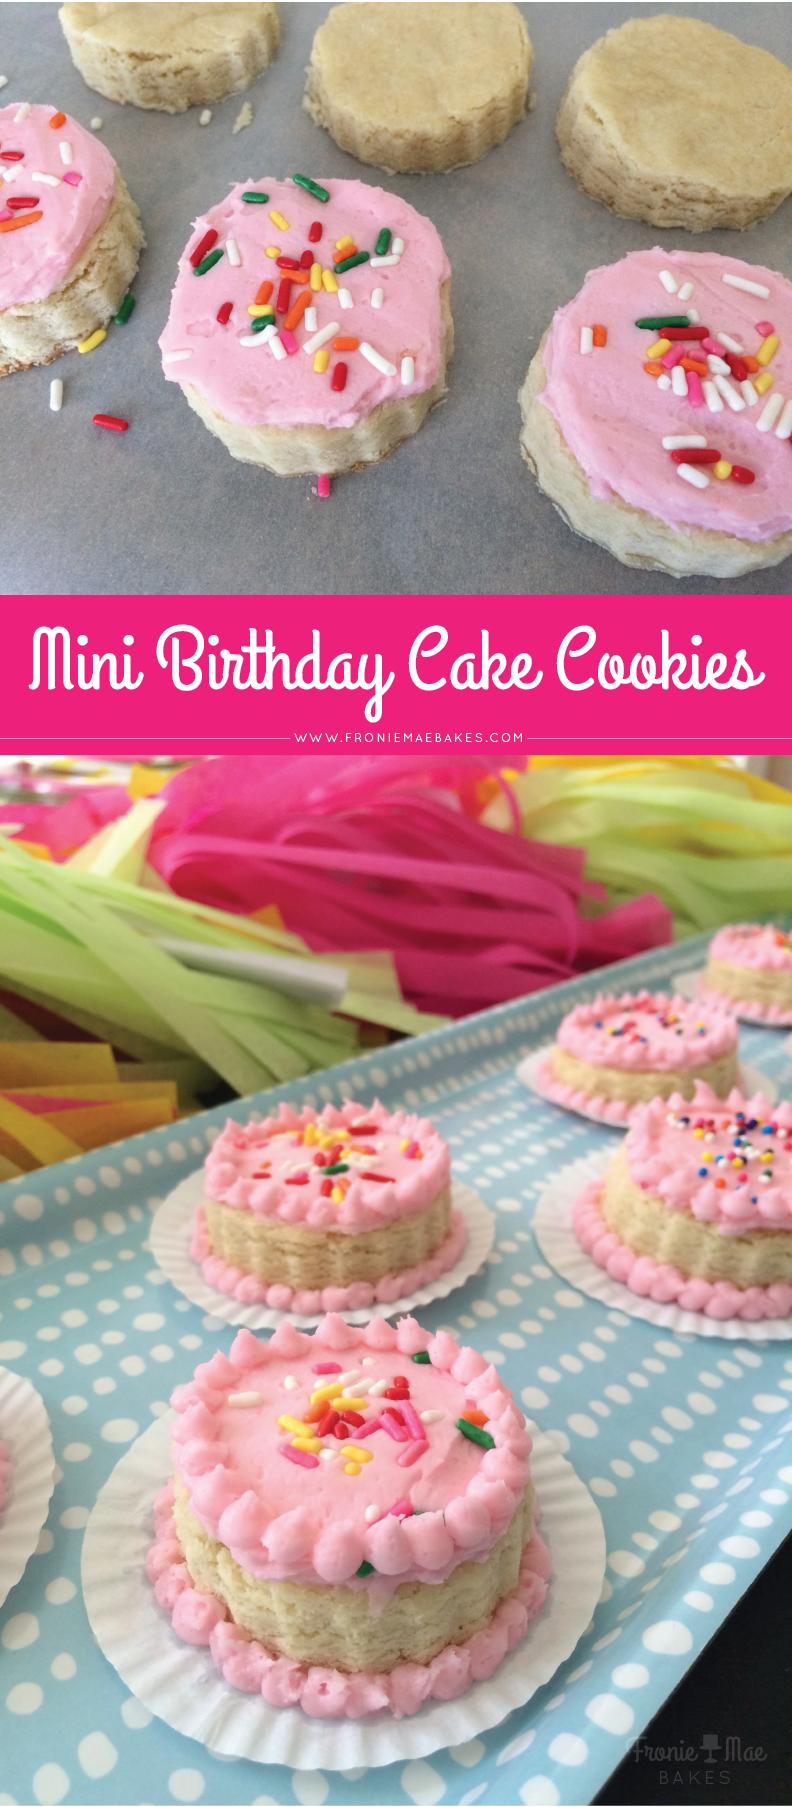 Cute Birthday Cake Sugar Cookies by Fronie Mae Bakes www.froniemaebakes.com